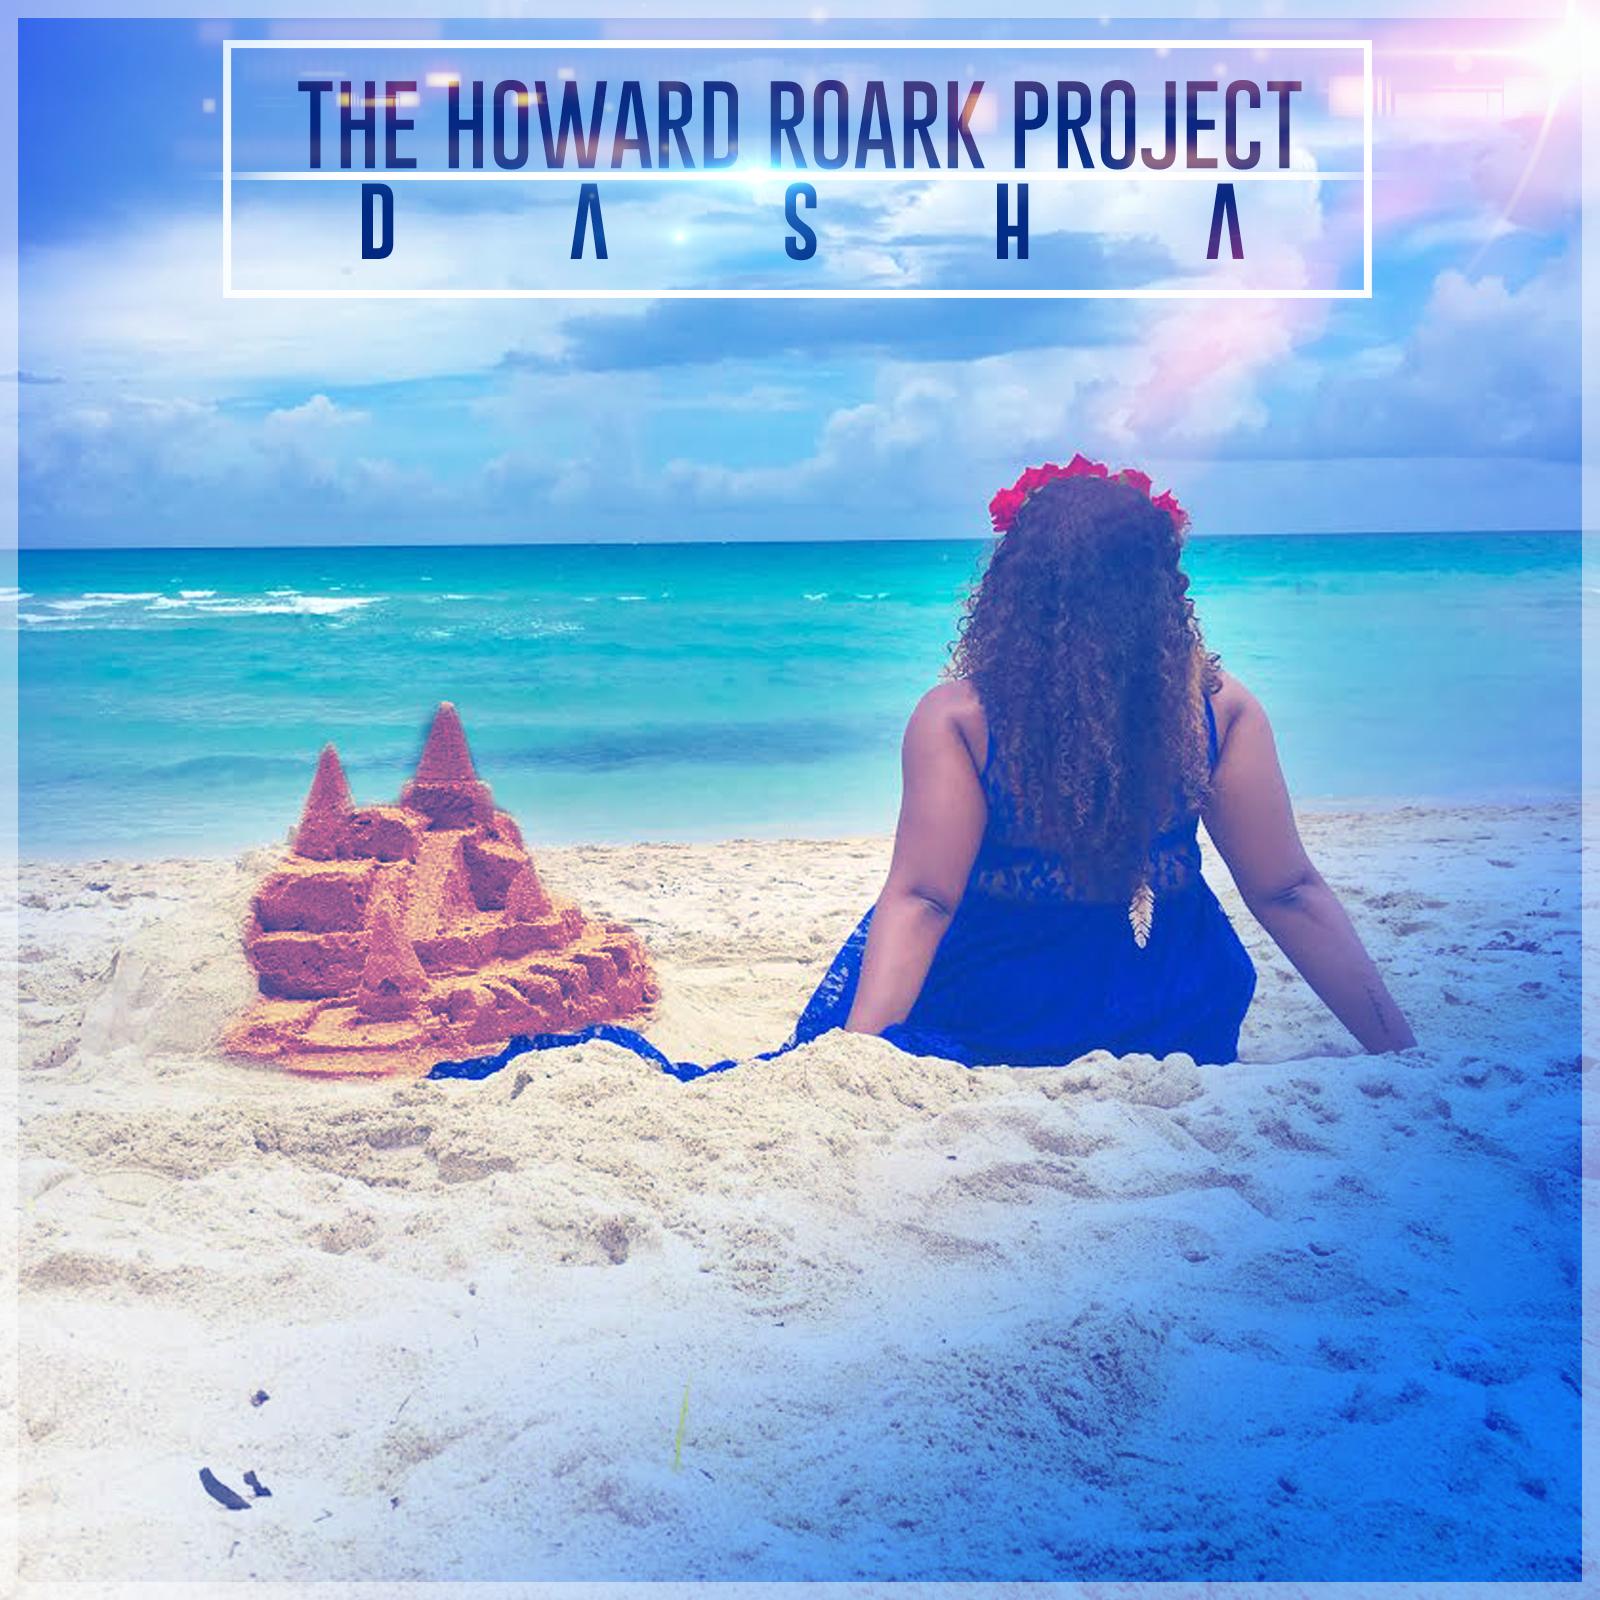 The Howard Roark Project